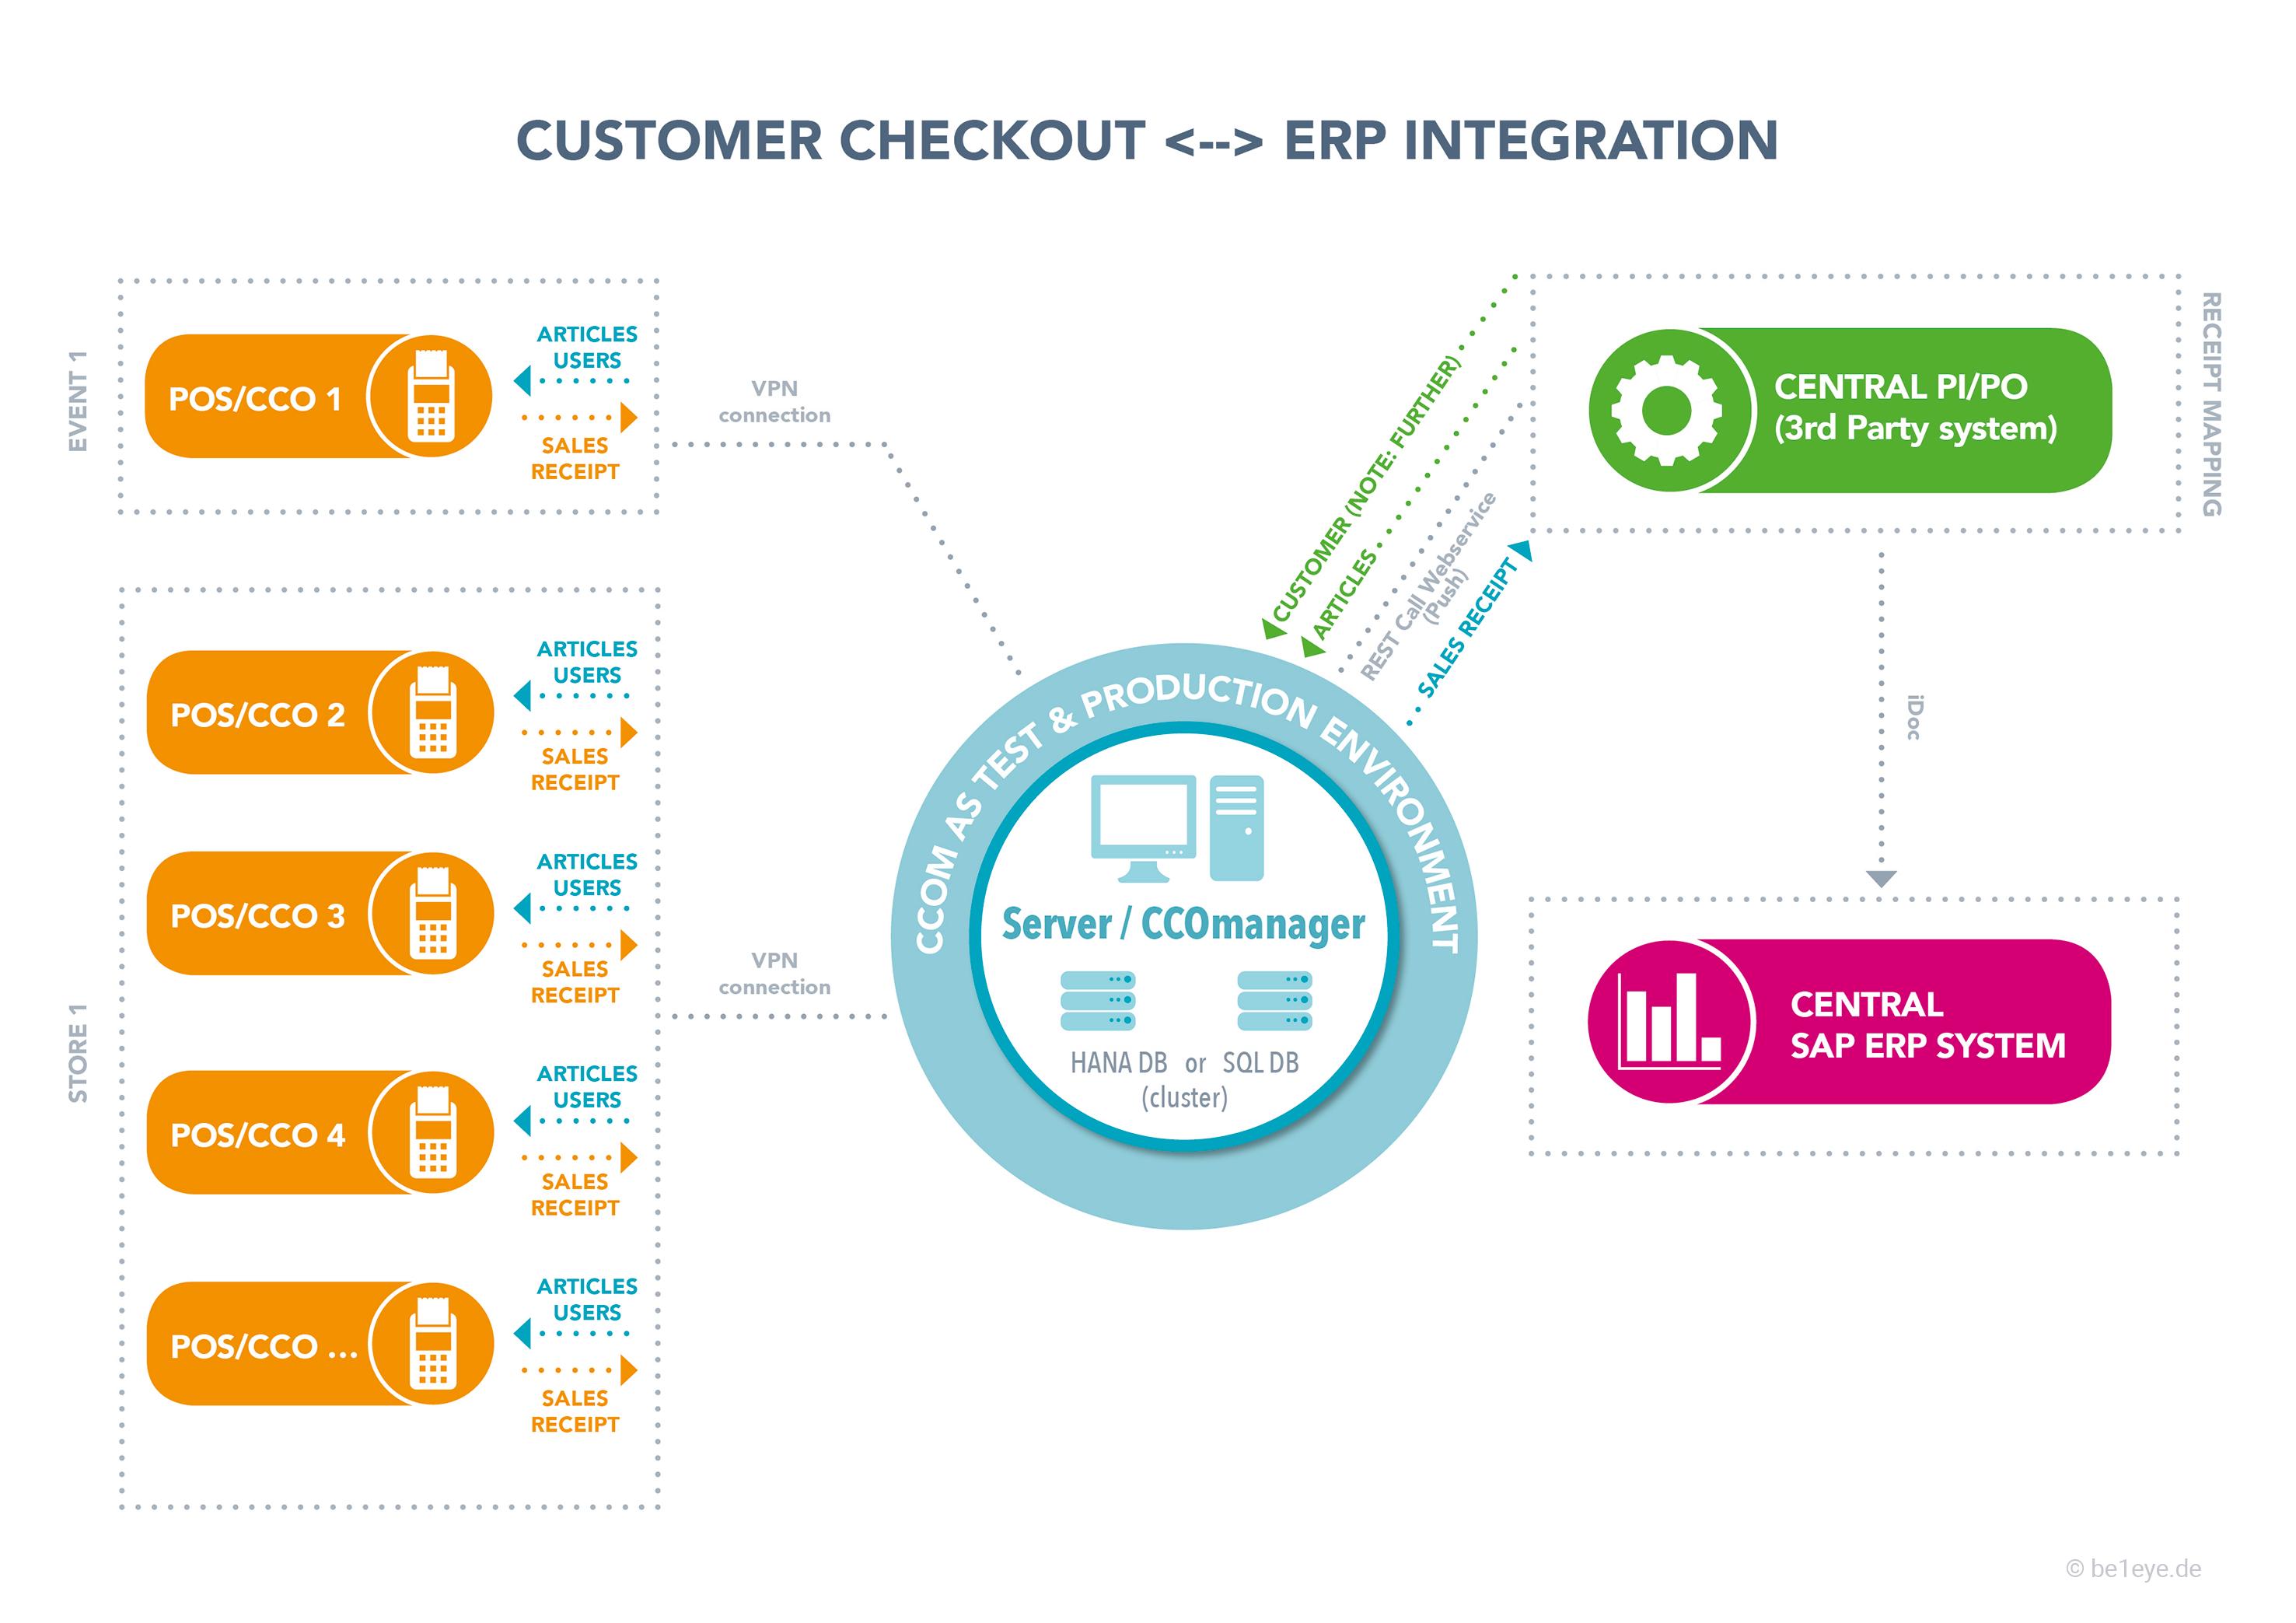 SAP Customer Checkout